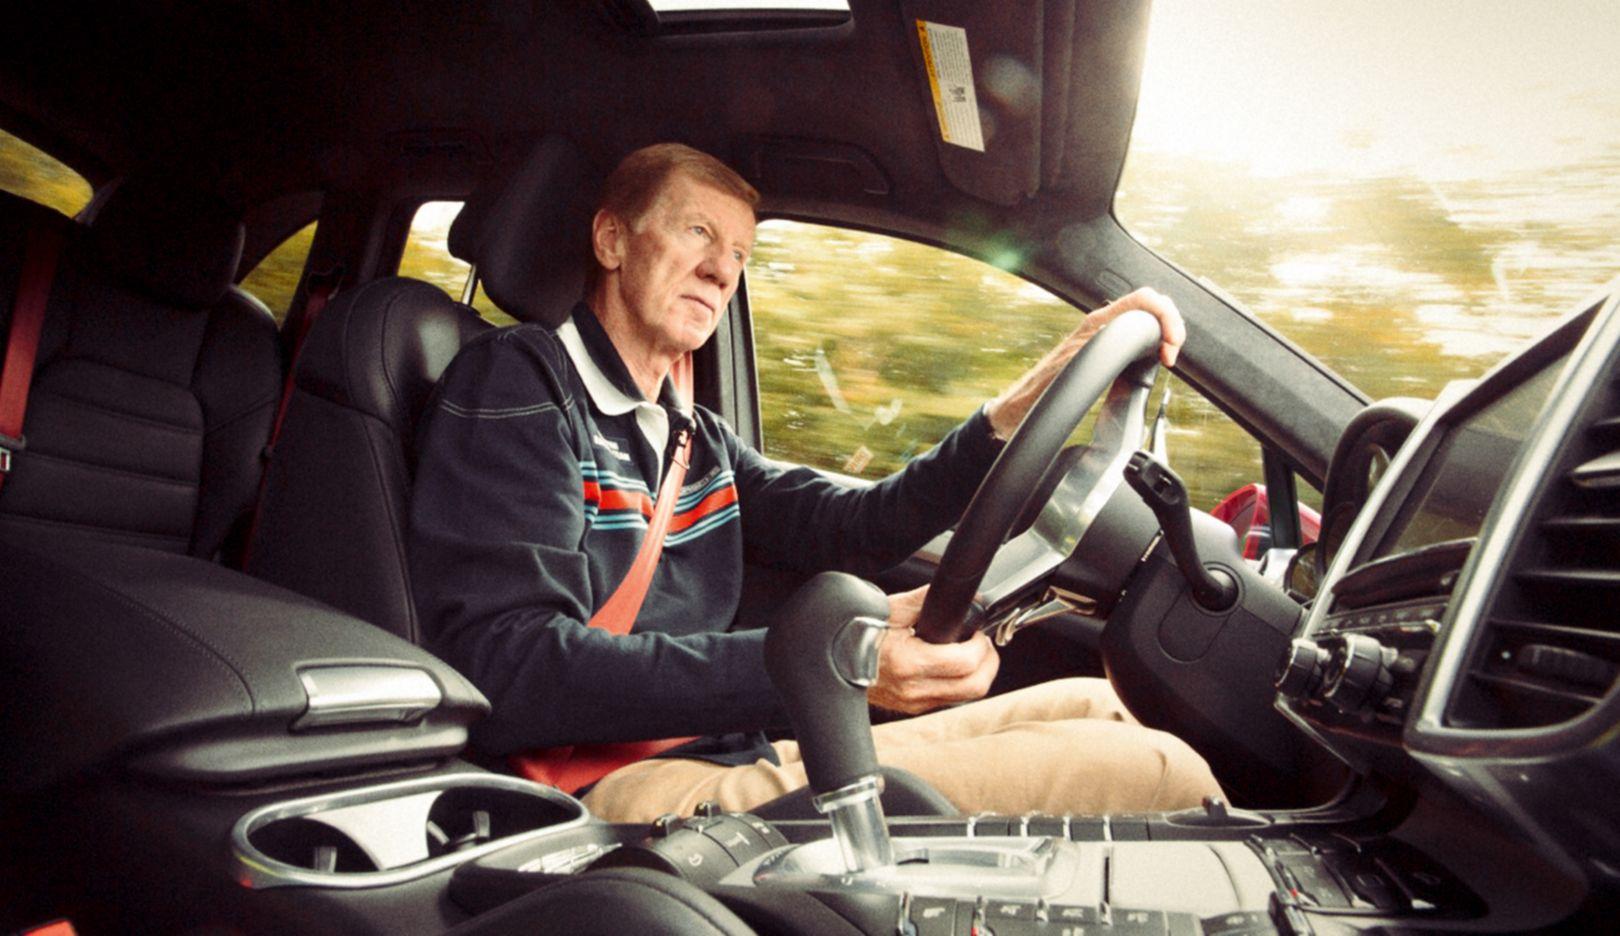 Walter Röhrl, Rennfahrer, Cayenne GTS, 2015, Porsche AG